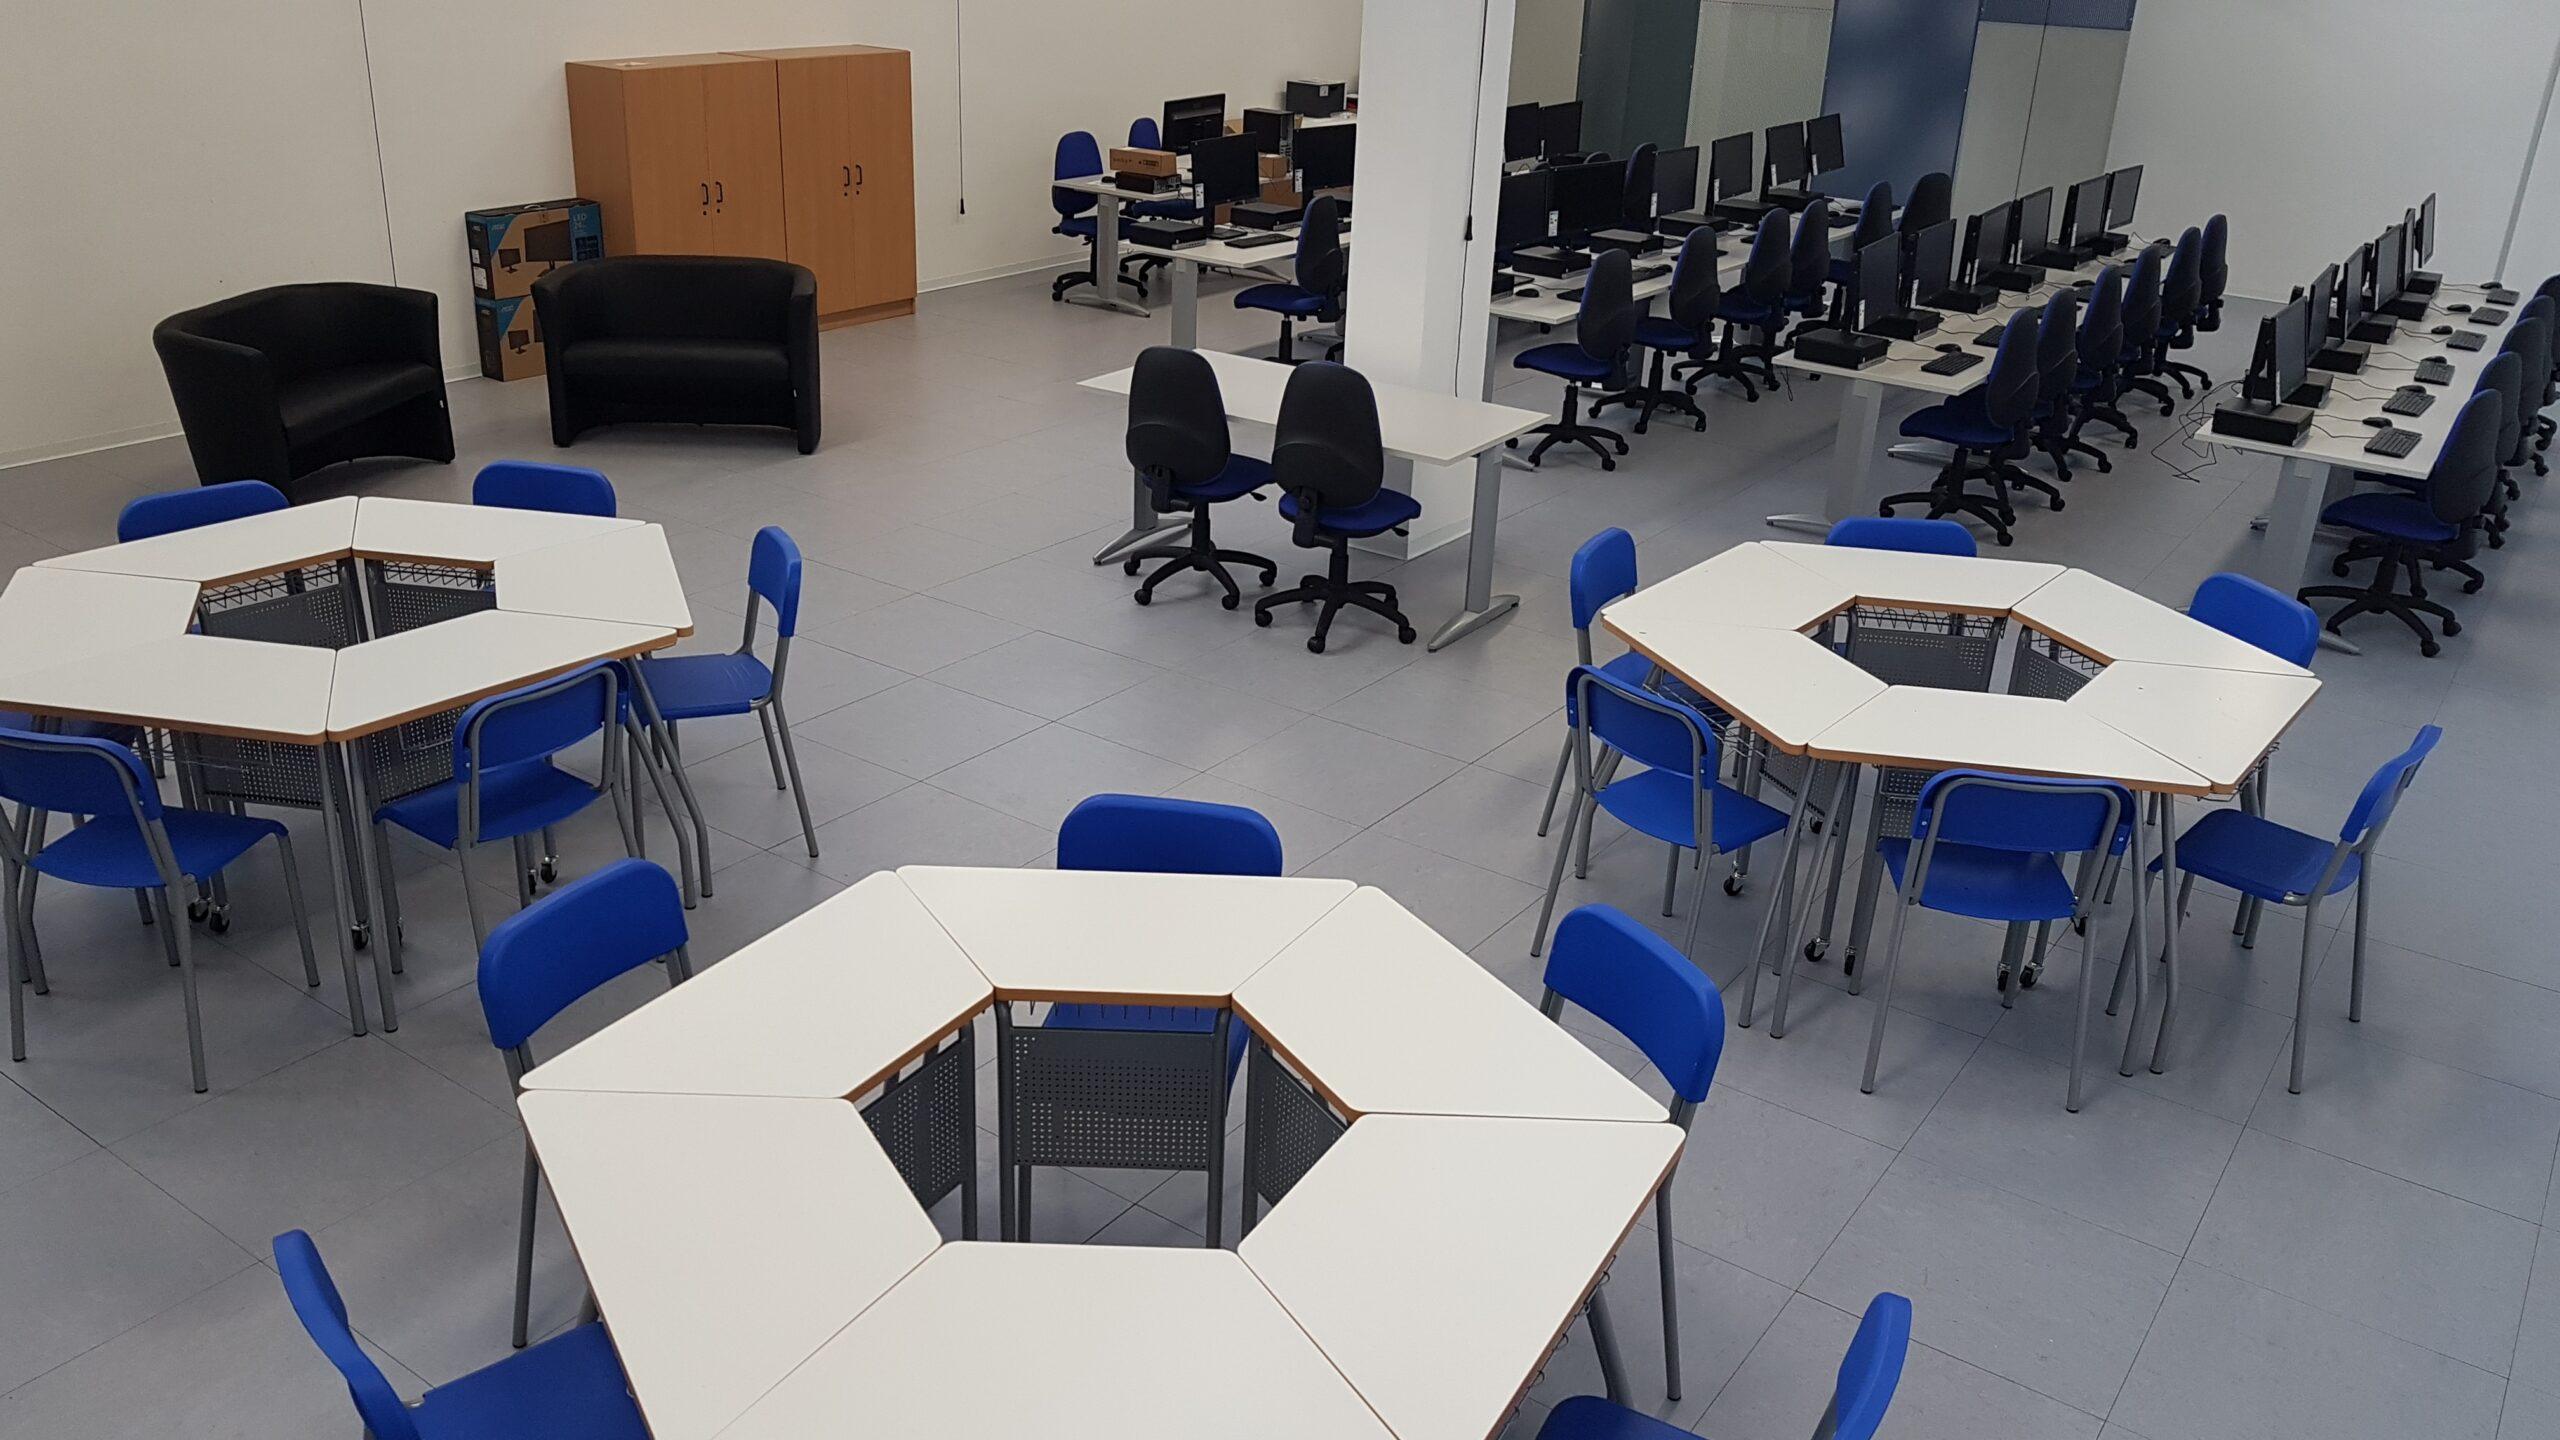 aula 3.0